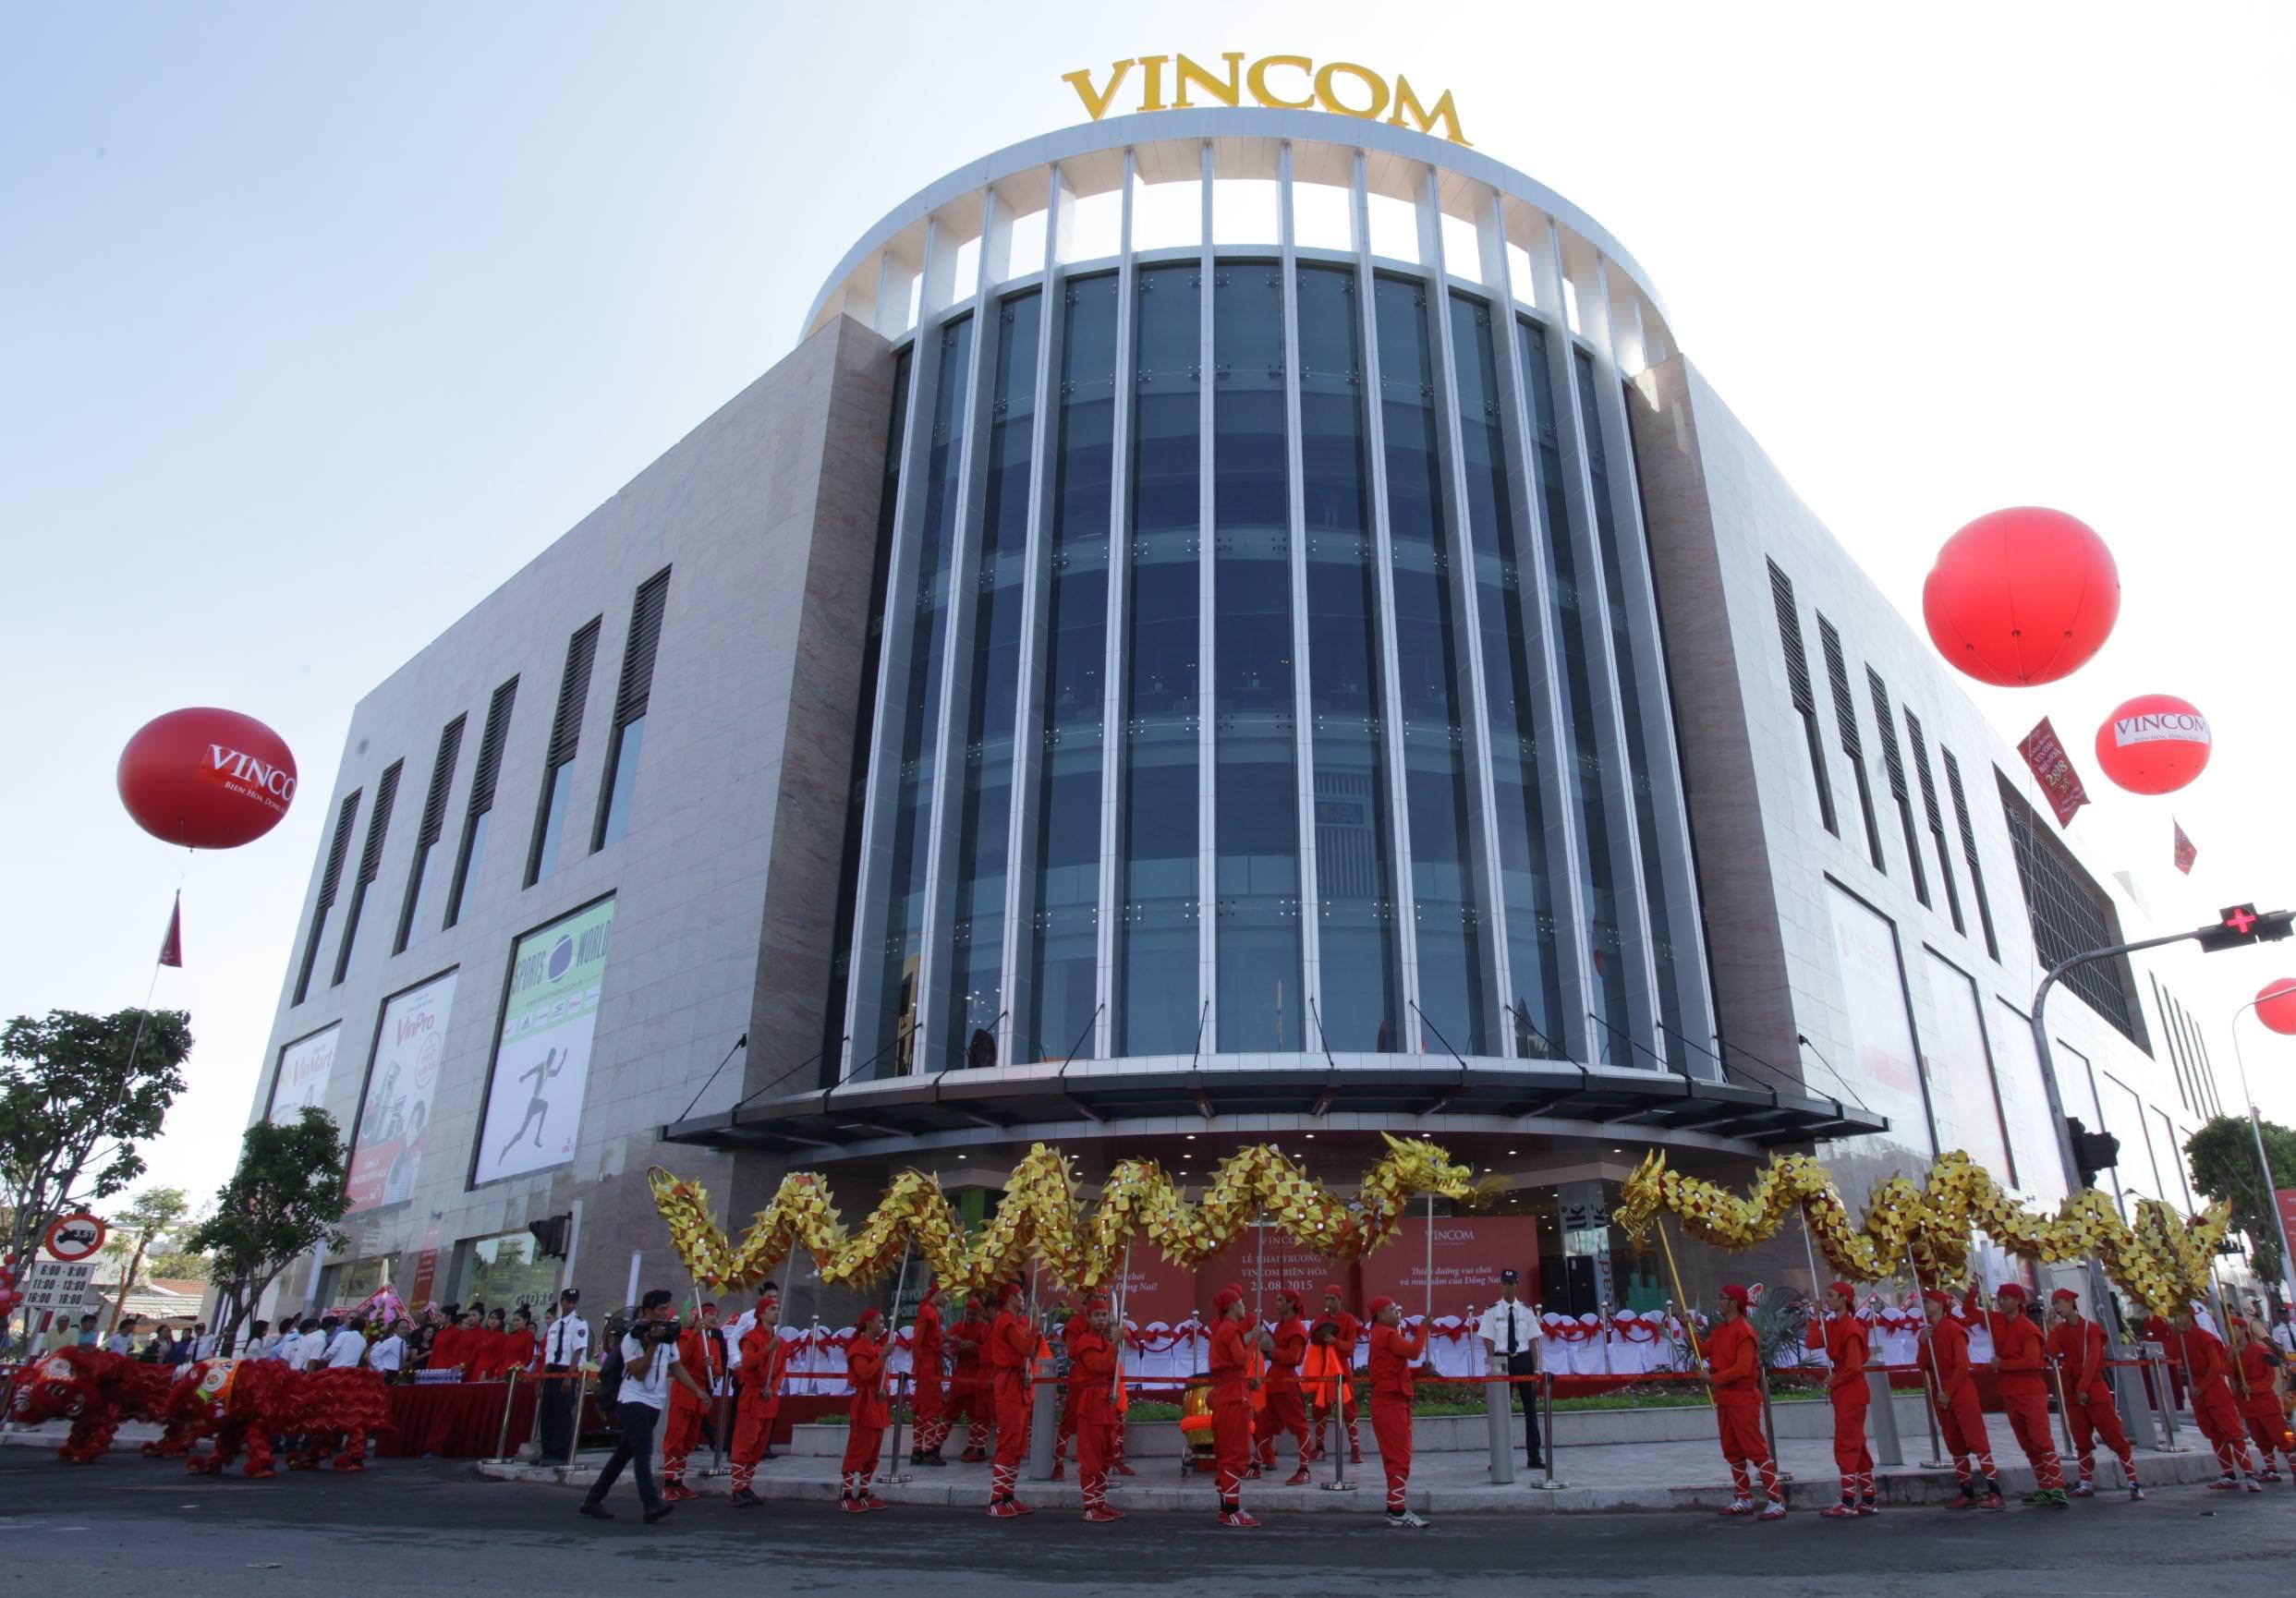 tttm_vincom_bien_hoa_thien_duong_mua_sam_giai_tri_va_am_thuc_moi_cua_khu_vuc_dong_nam_bo